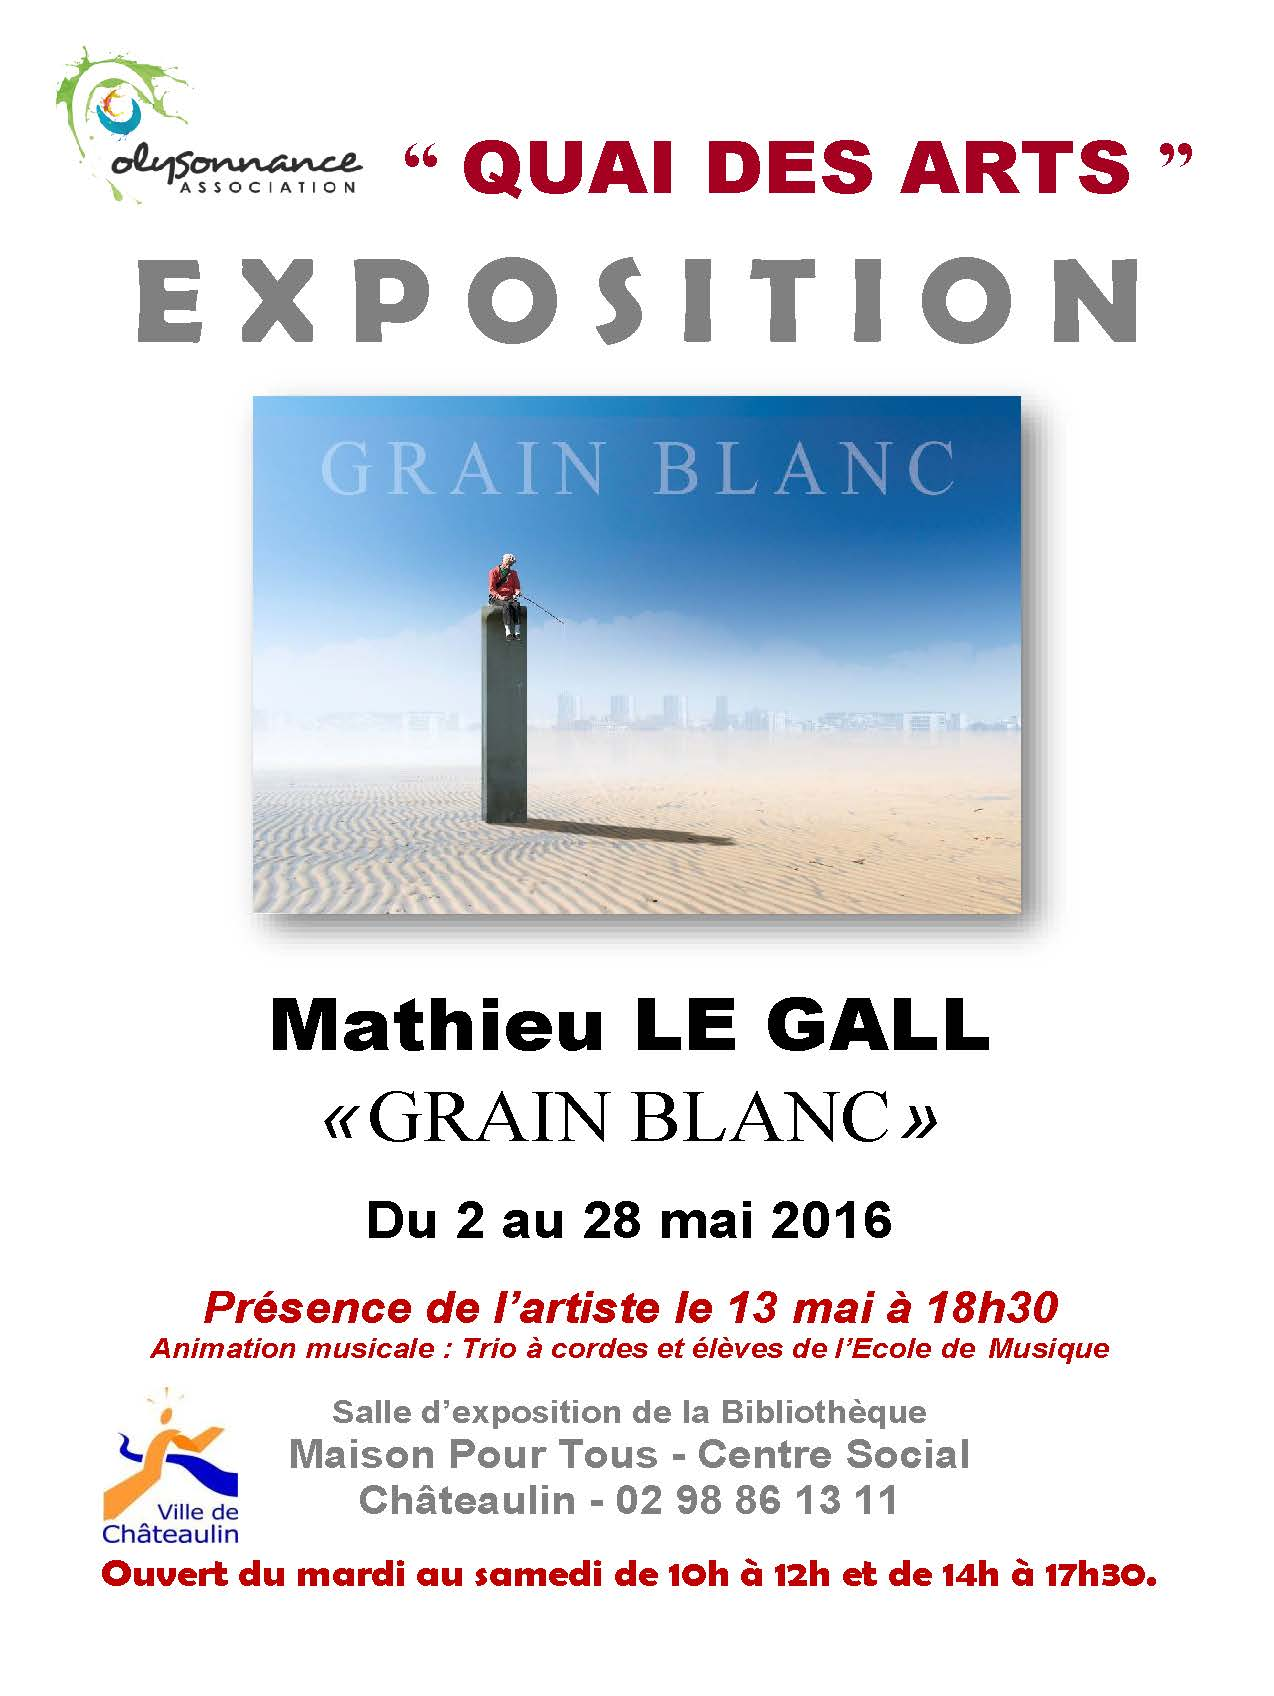 QUAI DES ARTS : Exposition de Mathieu LE GALL «GRAIN BLANC» du 2 au 28 mai 2016